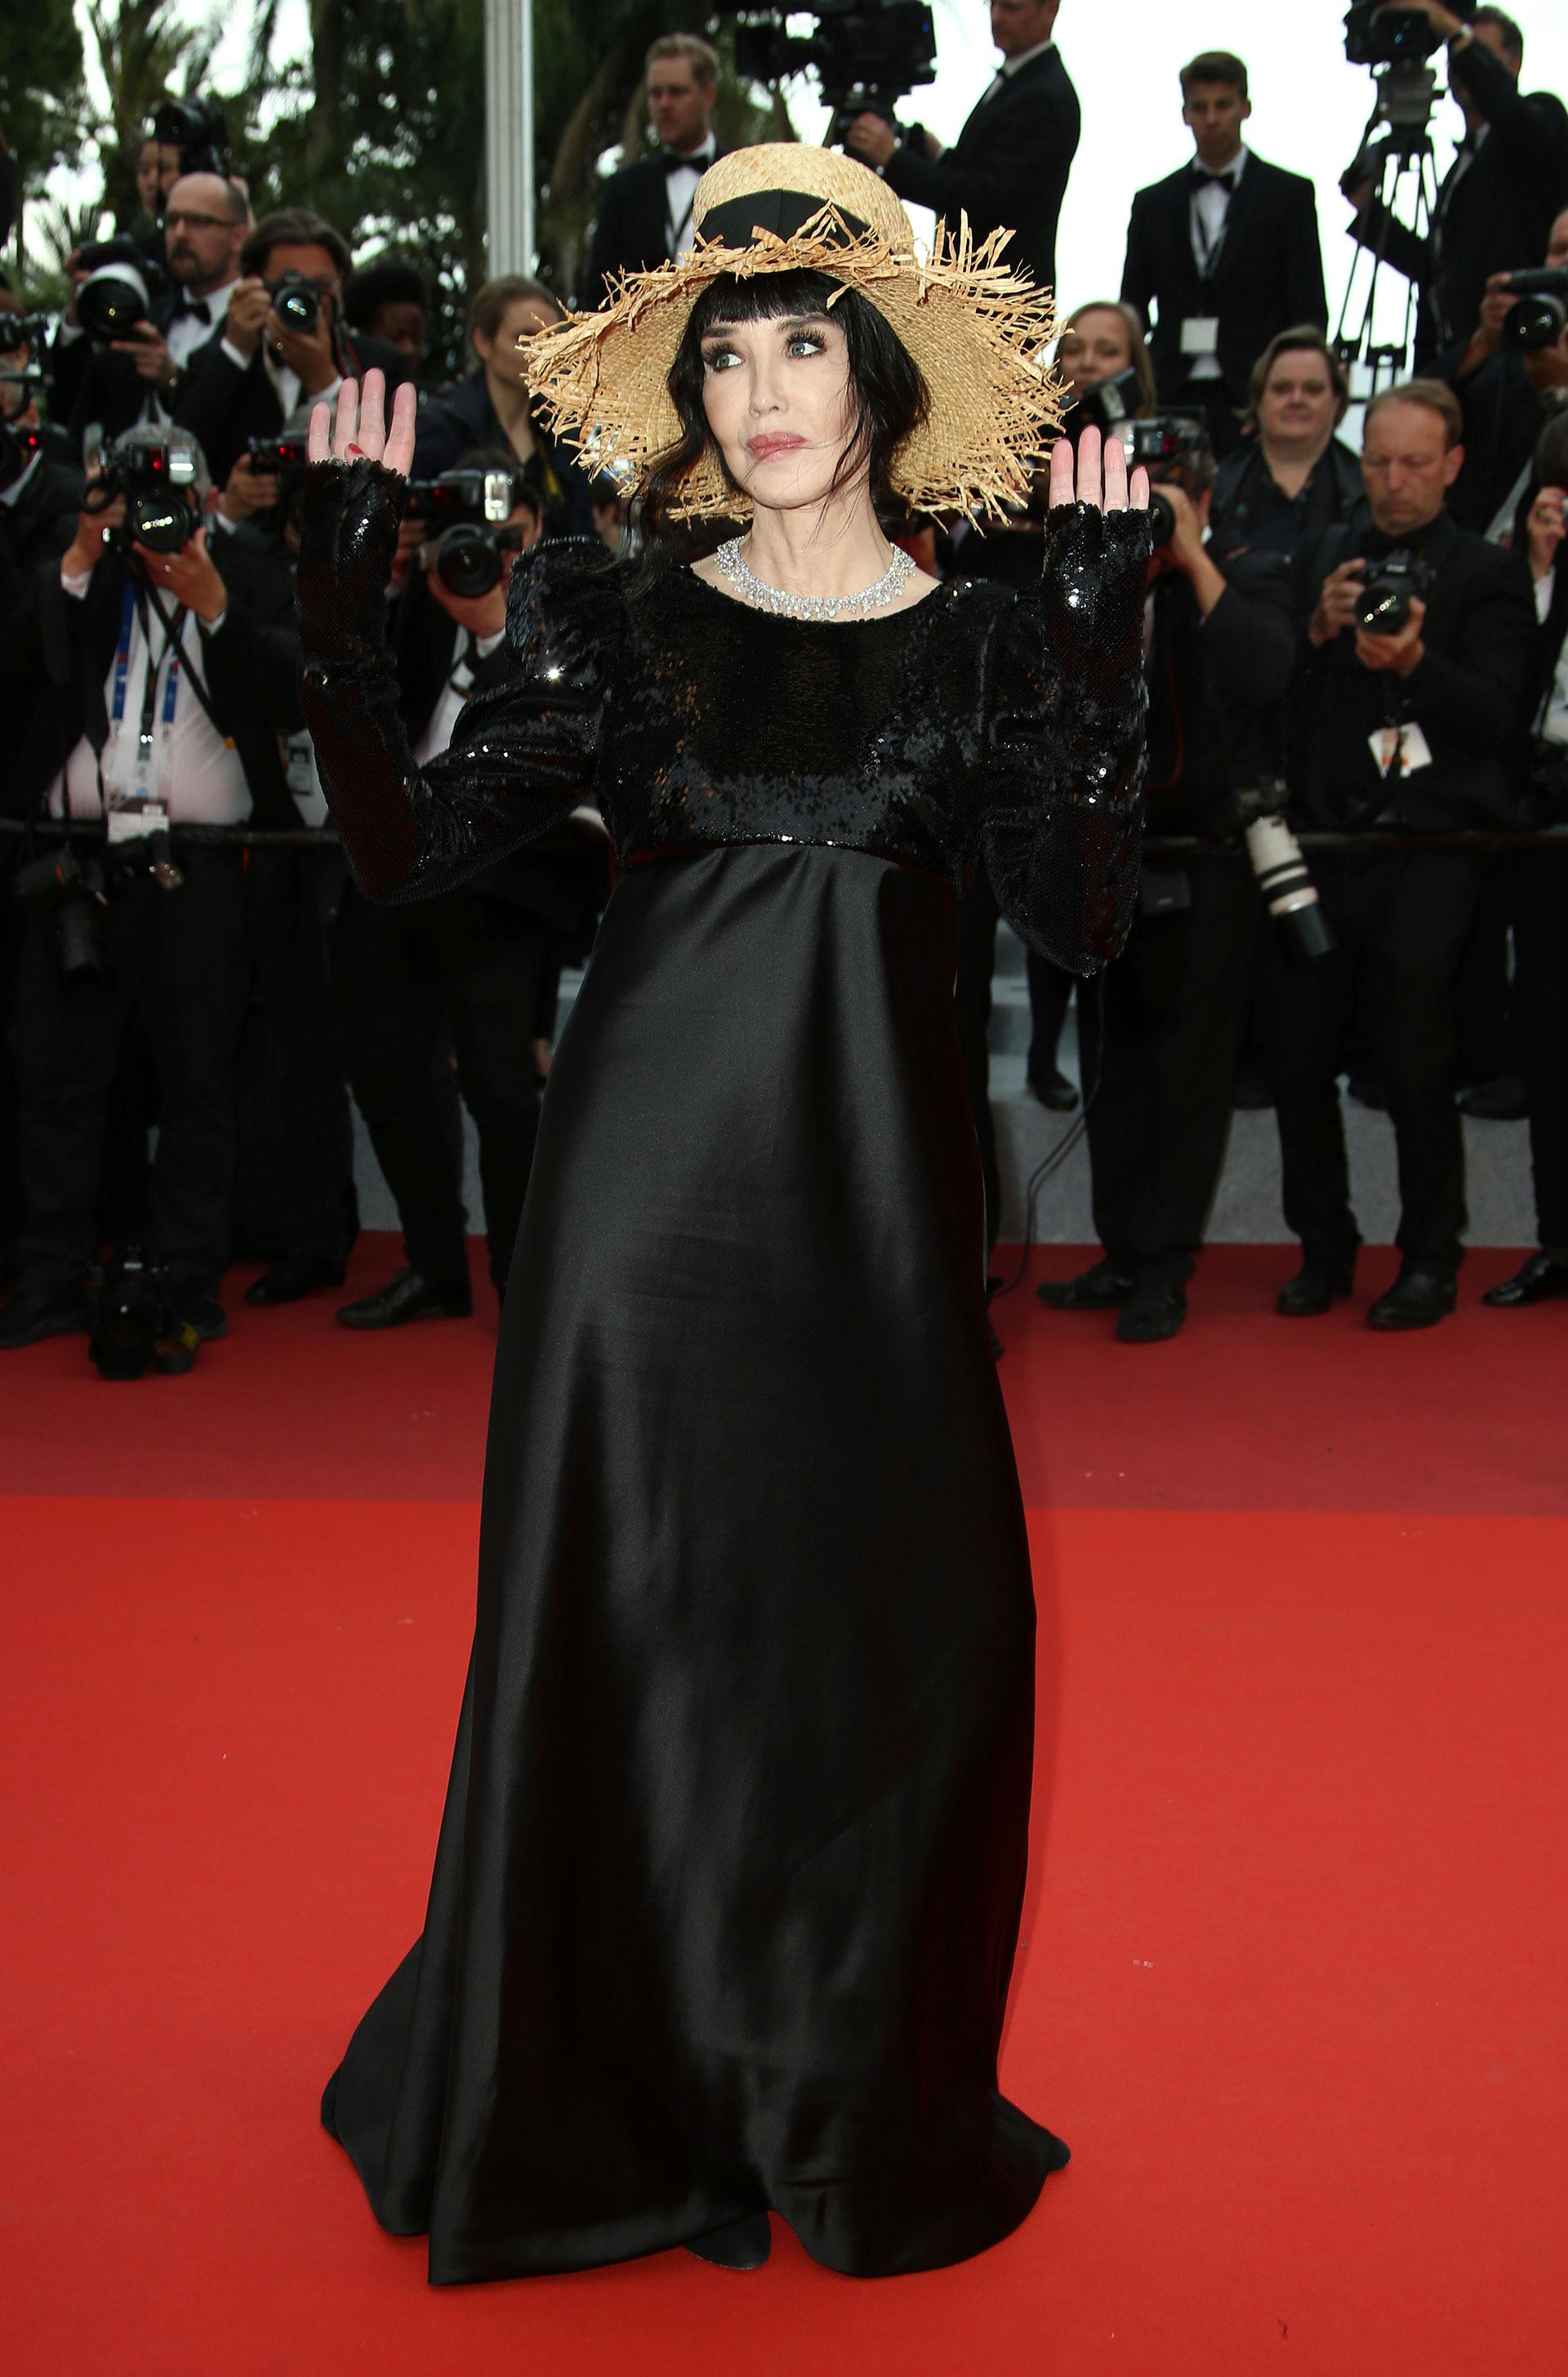 Isabelle Adjani, asistente al festival a la premiere del film 'La Belle Epoque',fue a lo seguro y eligió el color negro, pero su sombrero de paja opacó su vestido con mangas de lentejuelas y collar de brillantes